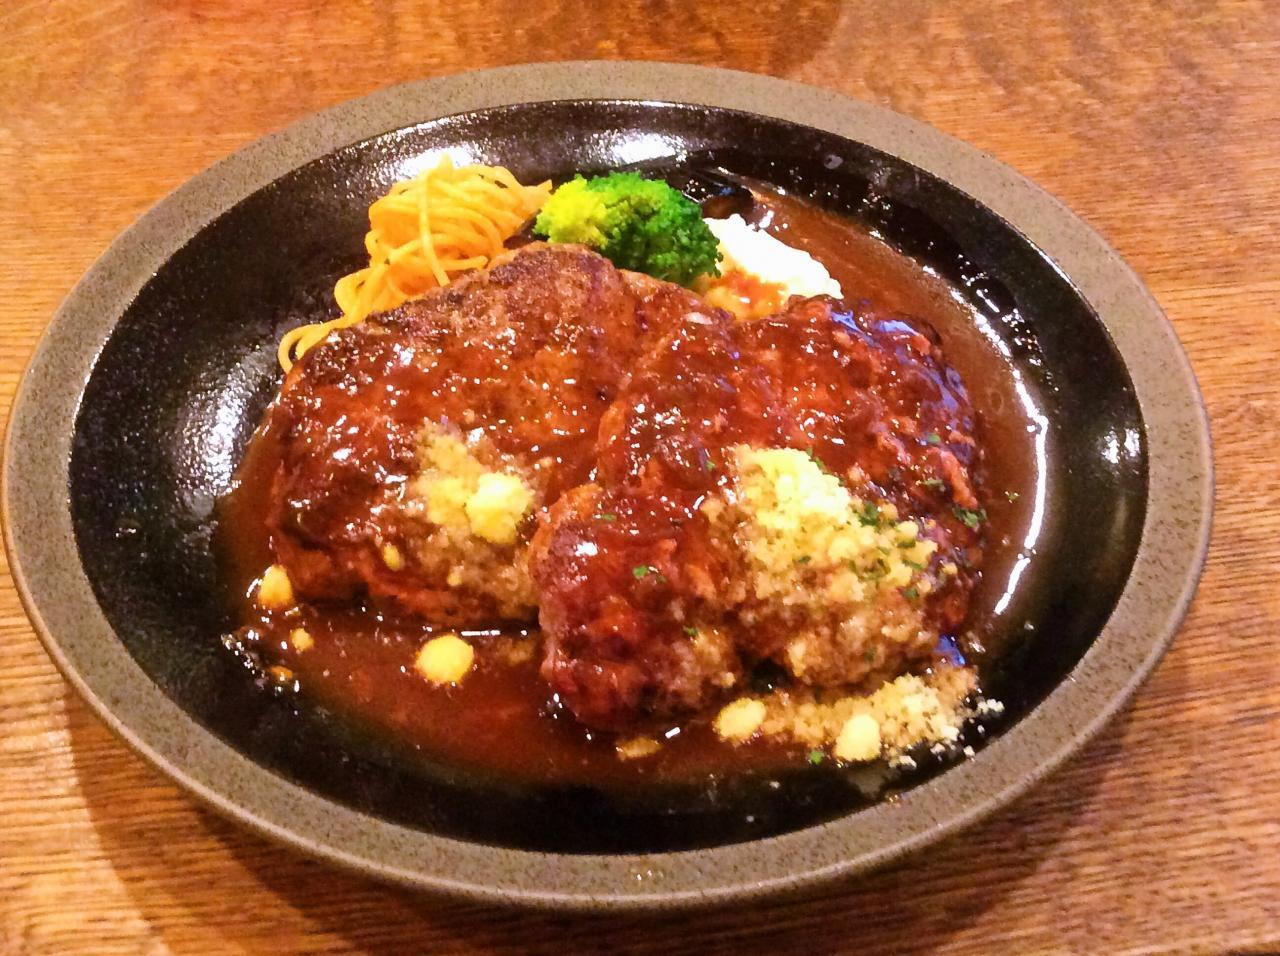 俺のハンバーグ山本渋谷食堂(ダブル)